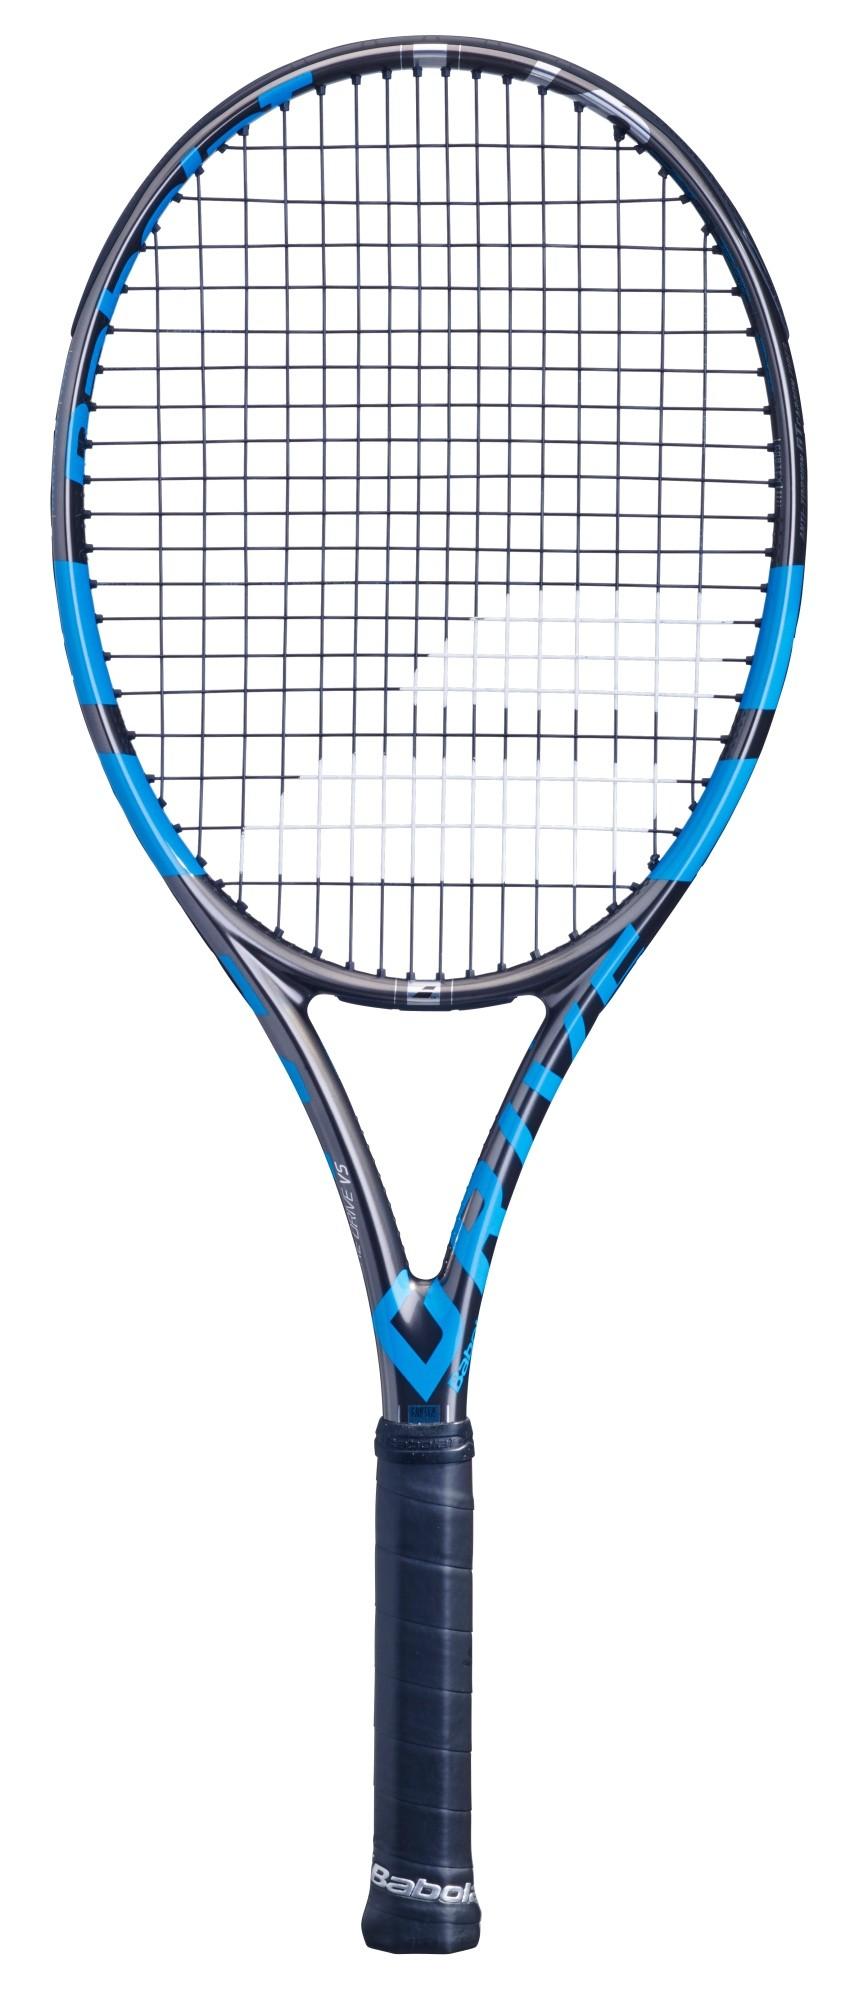 Rakieta tenisowa Babolat Pure Drive VS